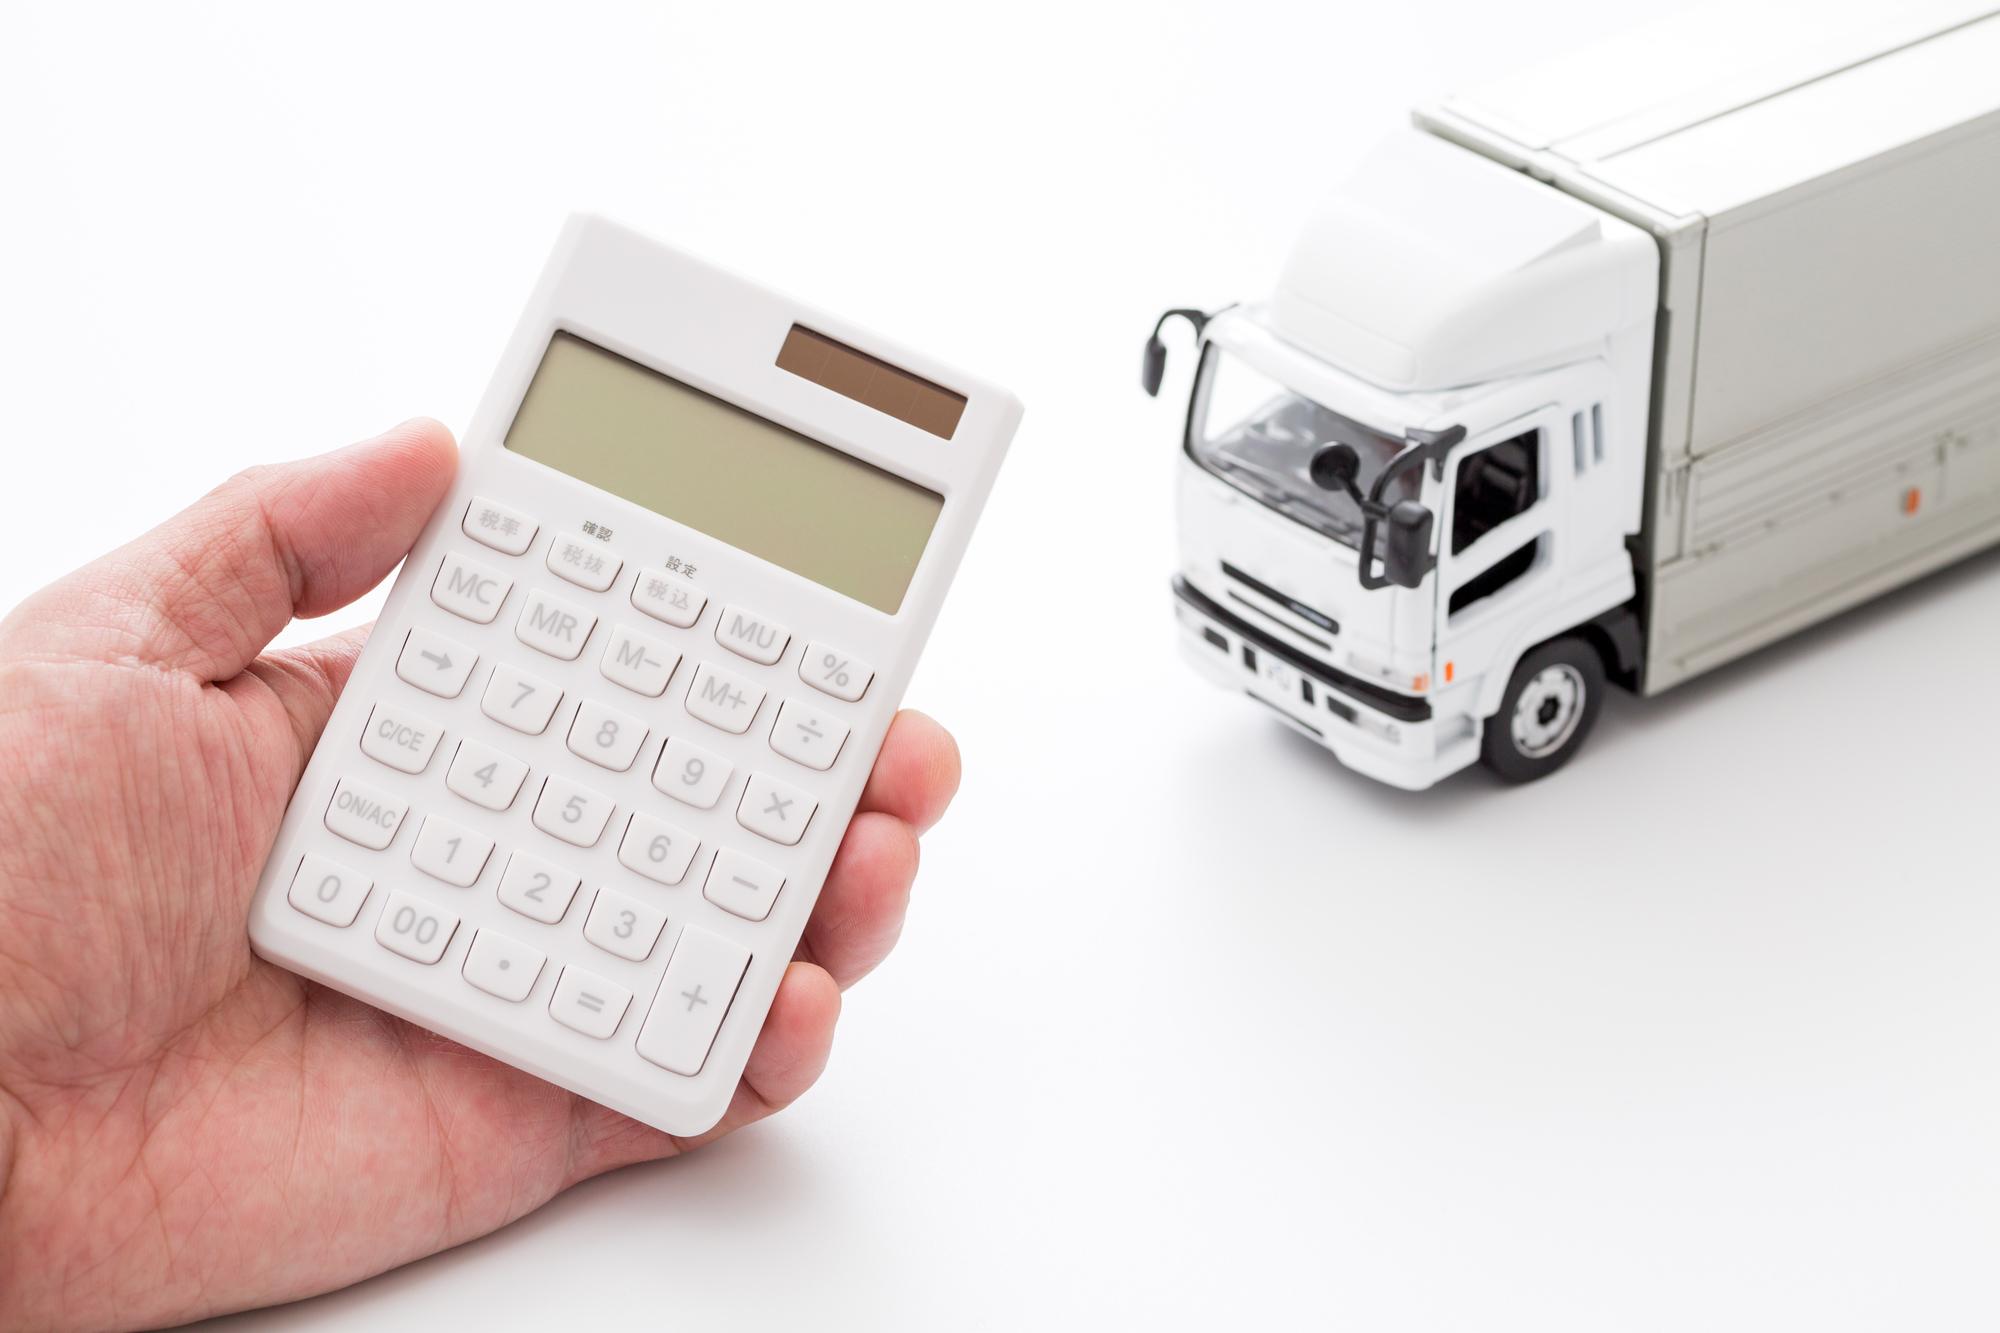 運送業界のコストのイメージ写真です。